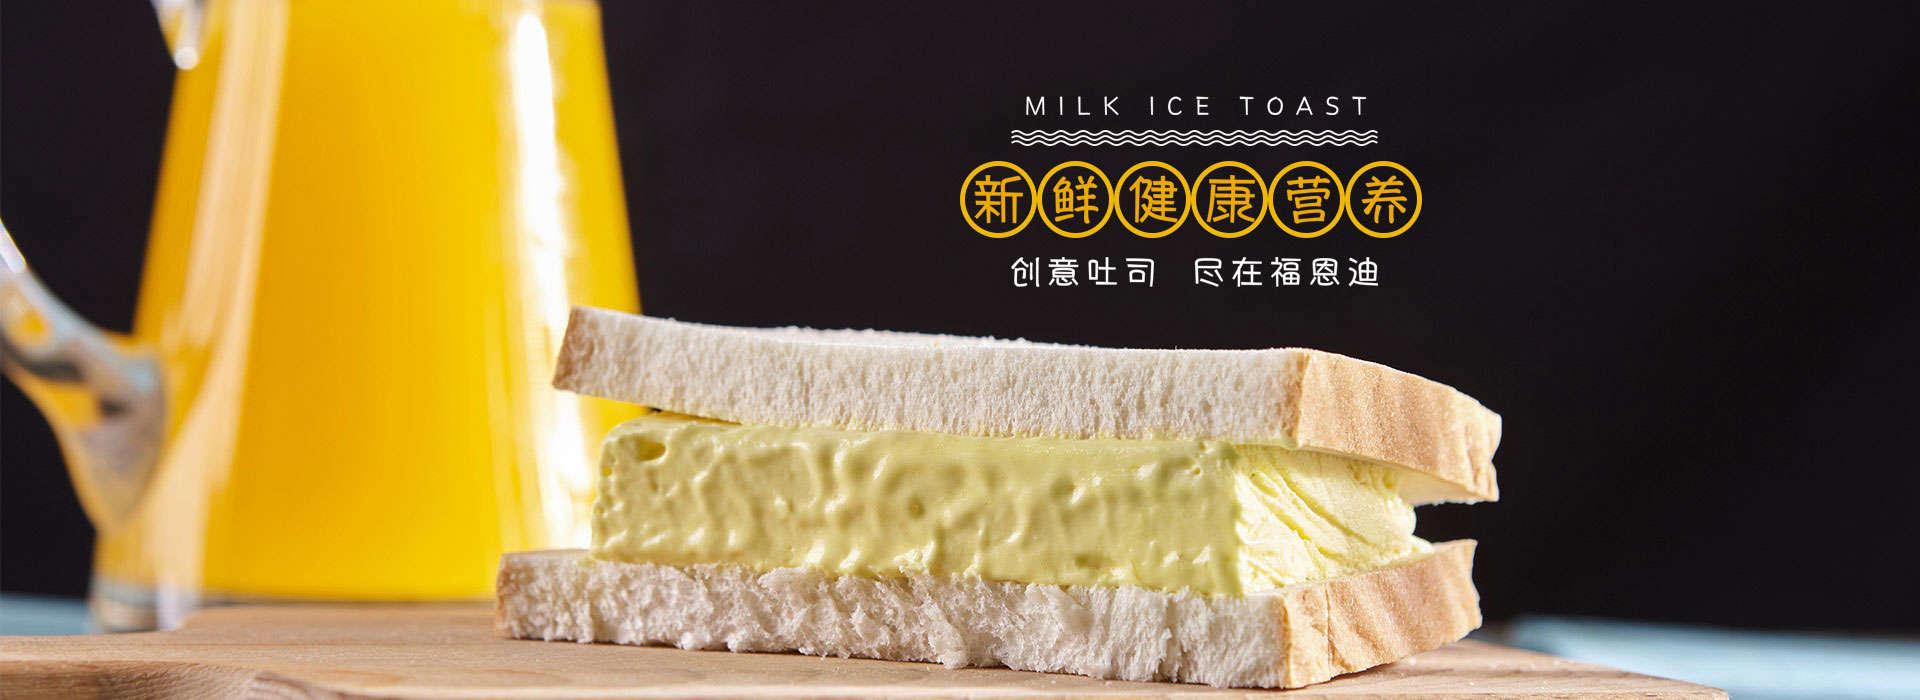 福恩迪创意吐司创业项目_昌启餐饮面包加盟